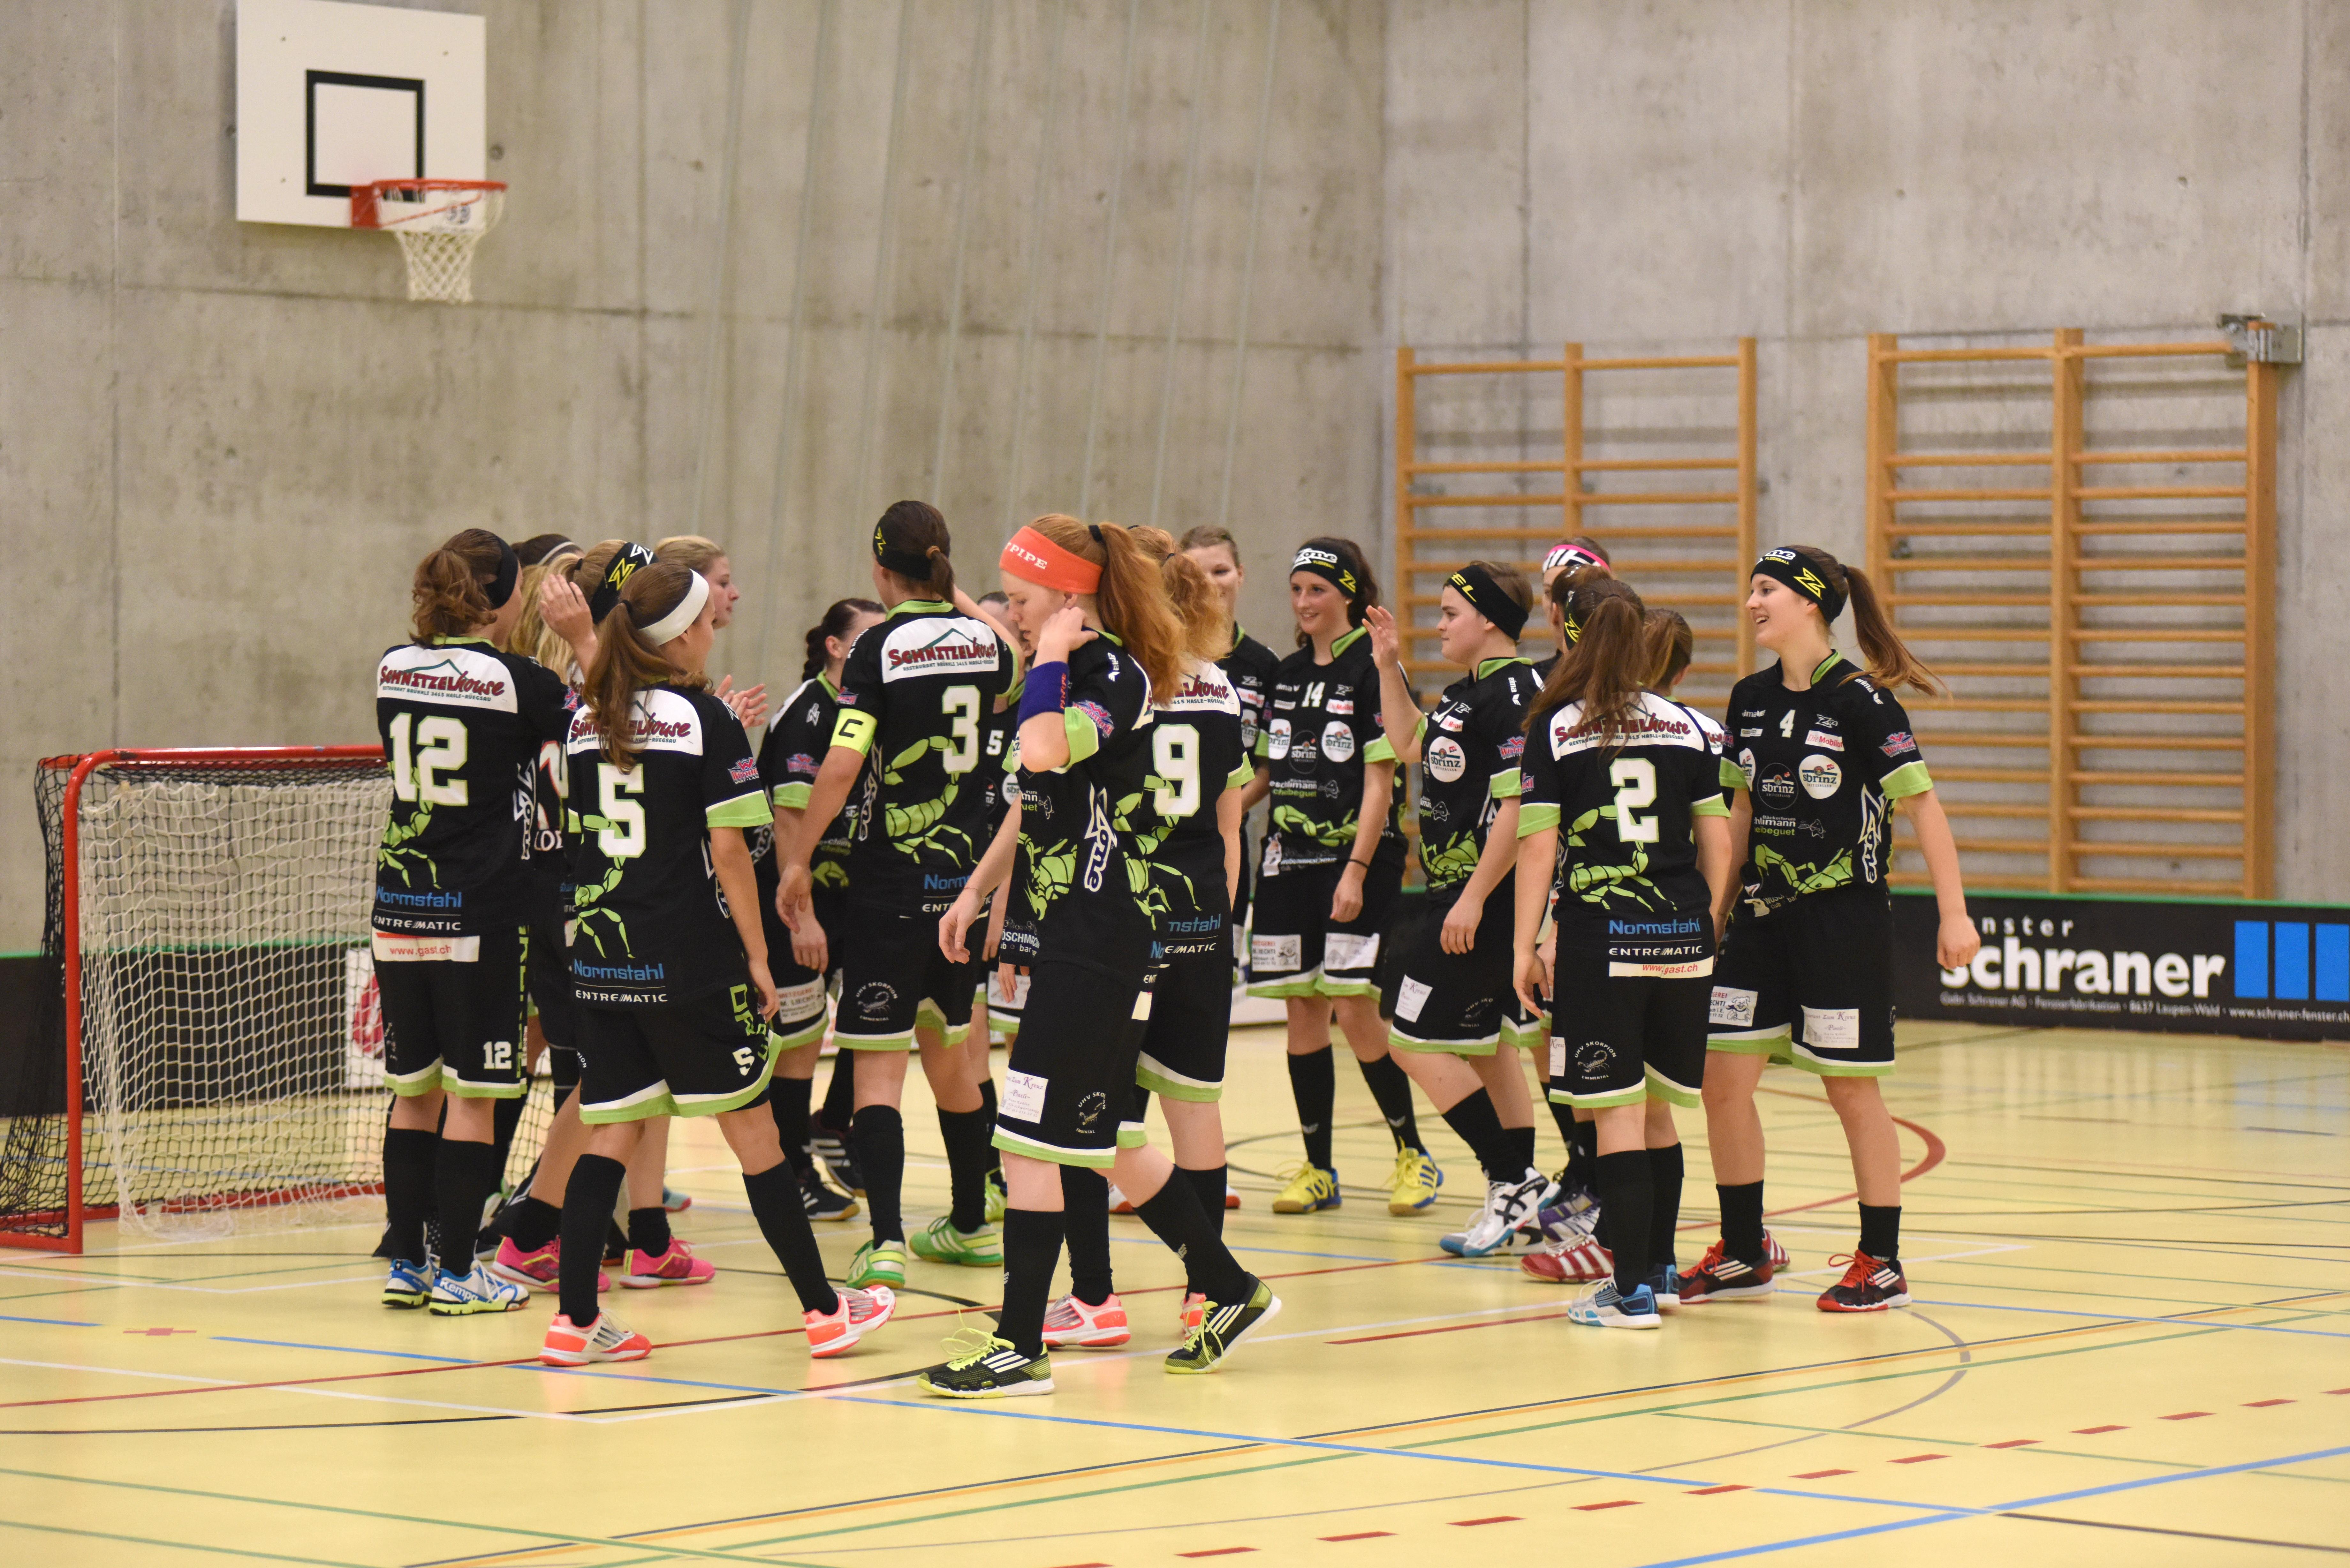 U21A_UHC Laupen_04.10.2014